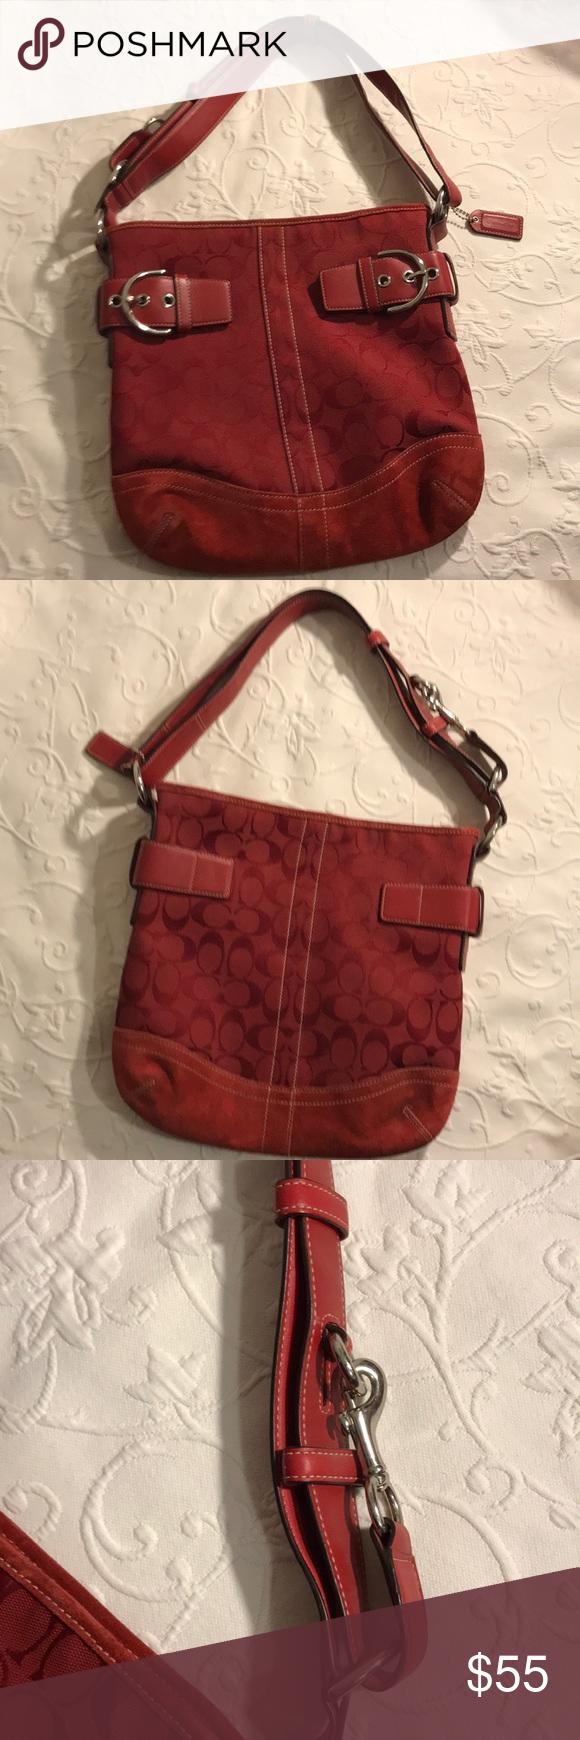 7a6deaf19a8 COACH Signature Hobo Convertible Bucket Bag COACH Signature Hobo  Convertible Bucket Bag Coach Bags Shoulder Bags